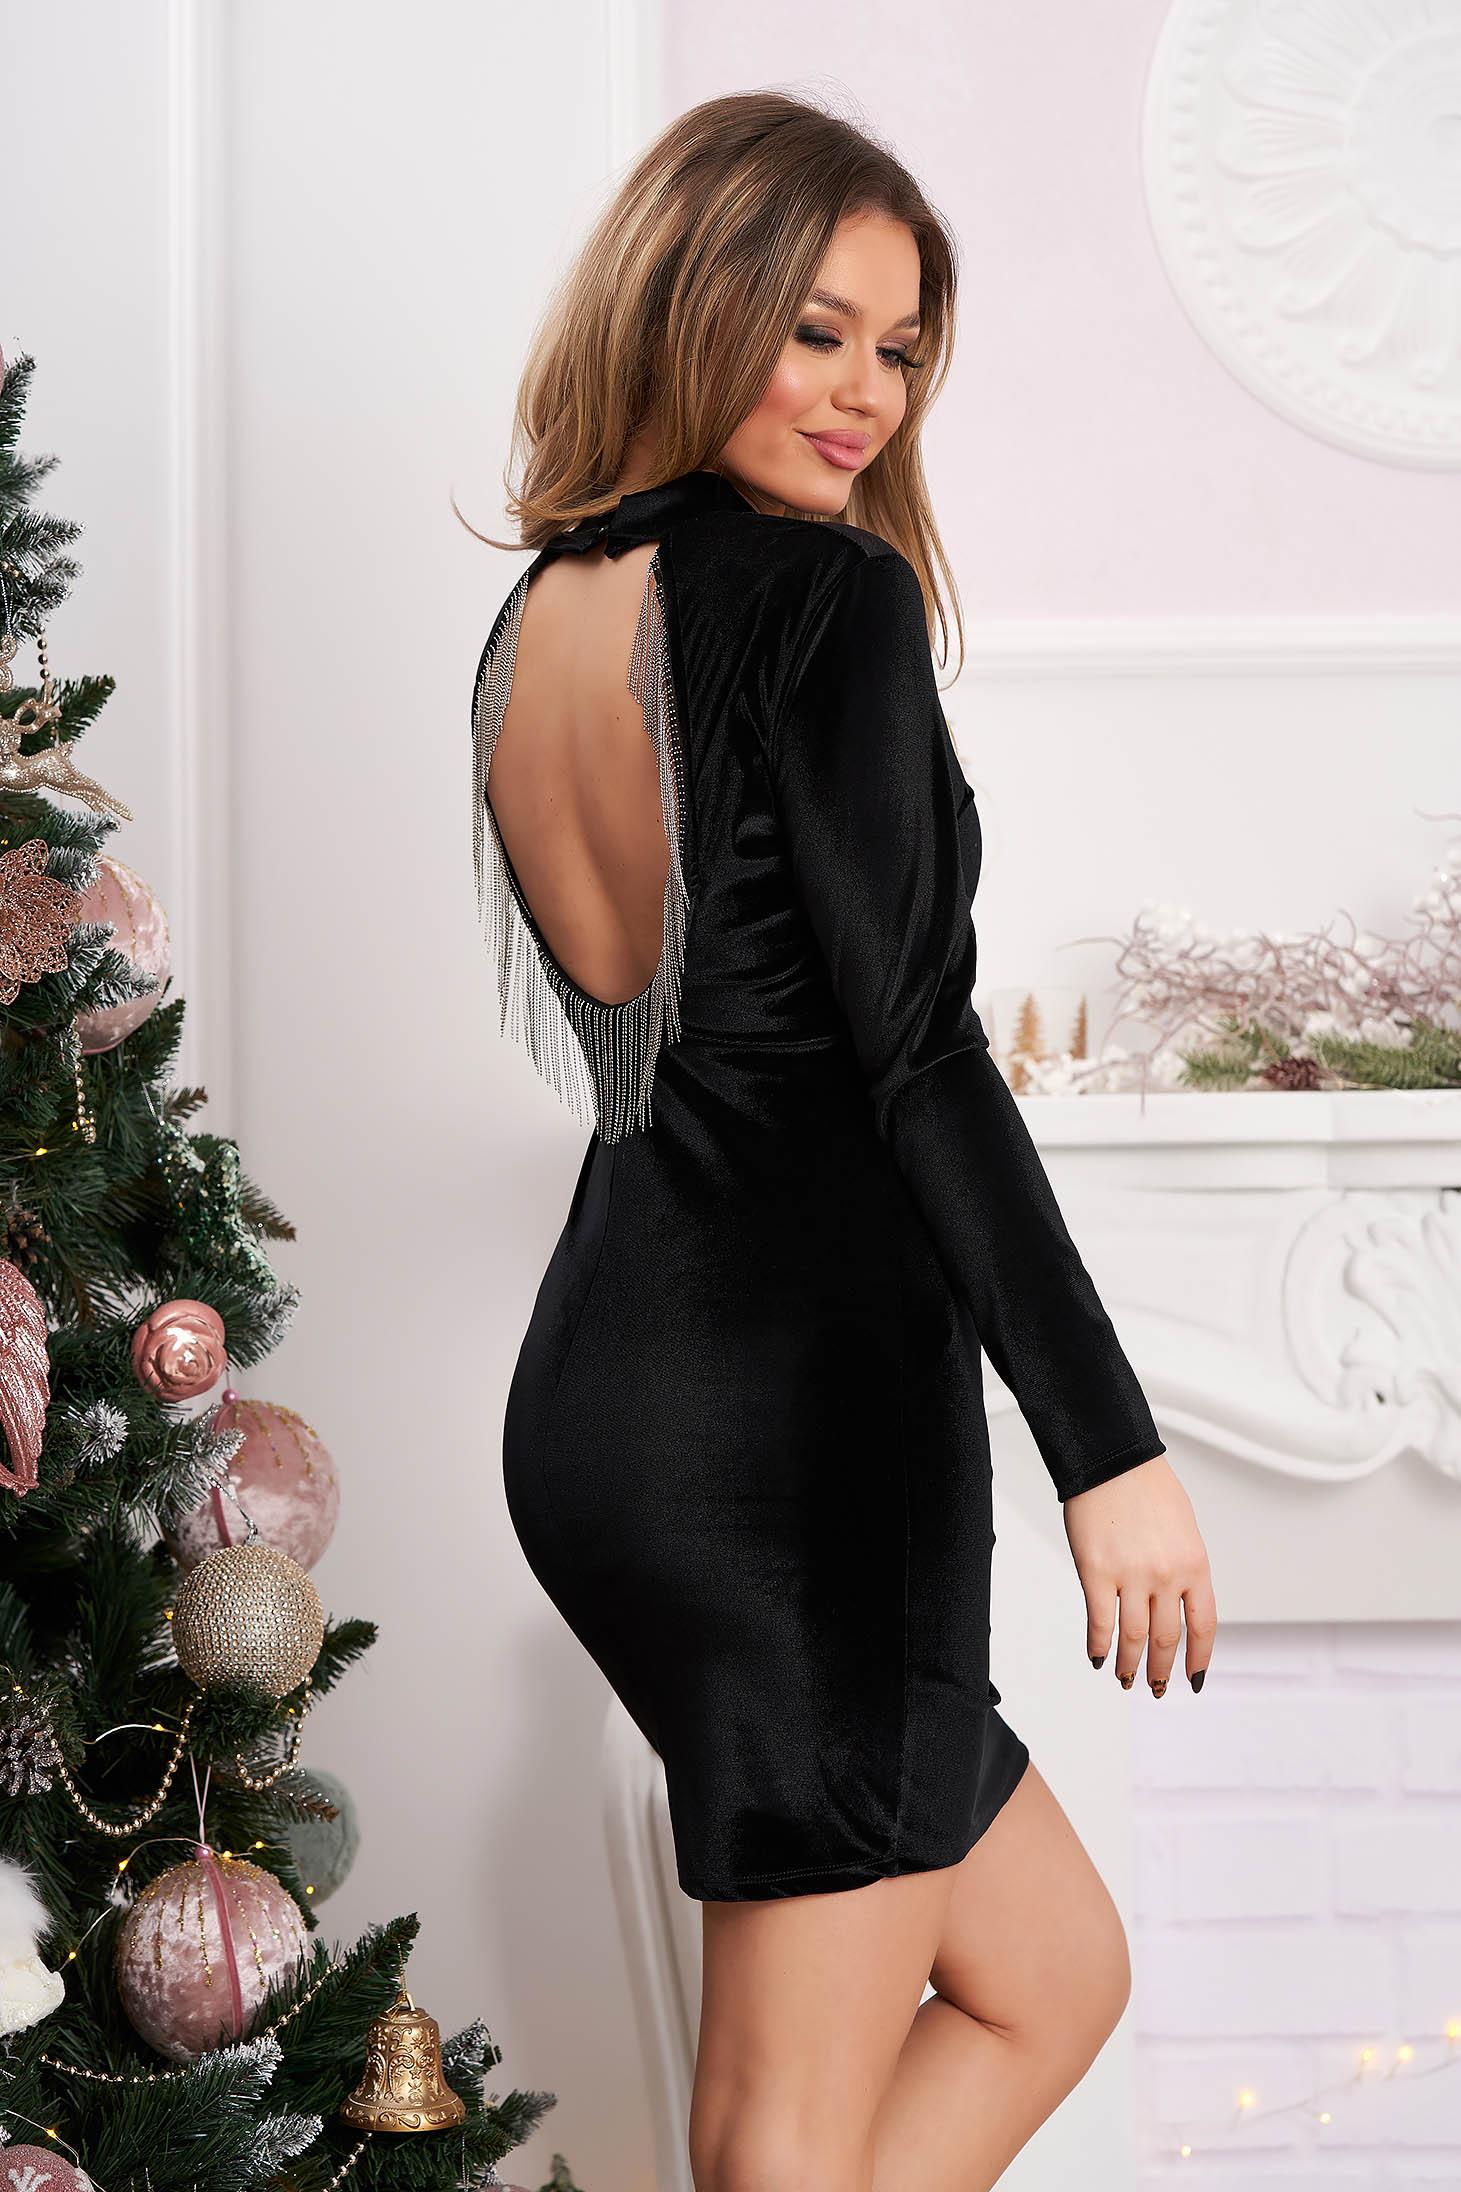 Black dress occasional short cut velvet bare back with fringes pencil